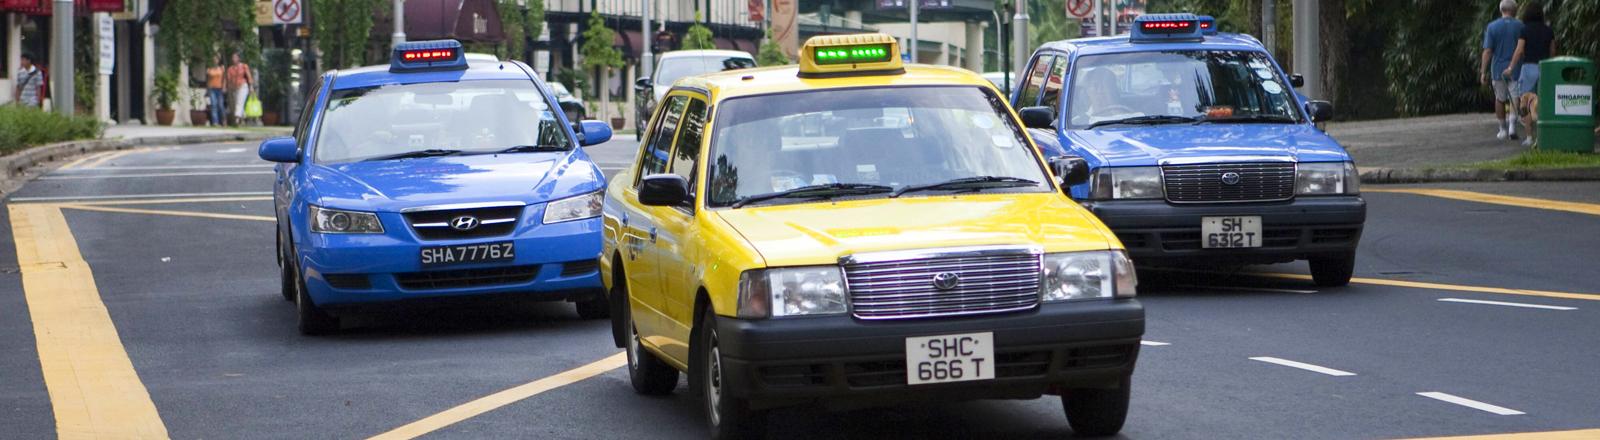 ein gelbes und zwei blaue Taxis in Singapur